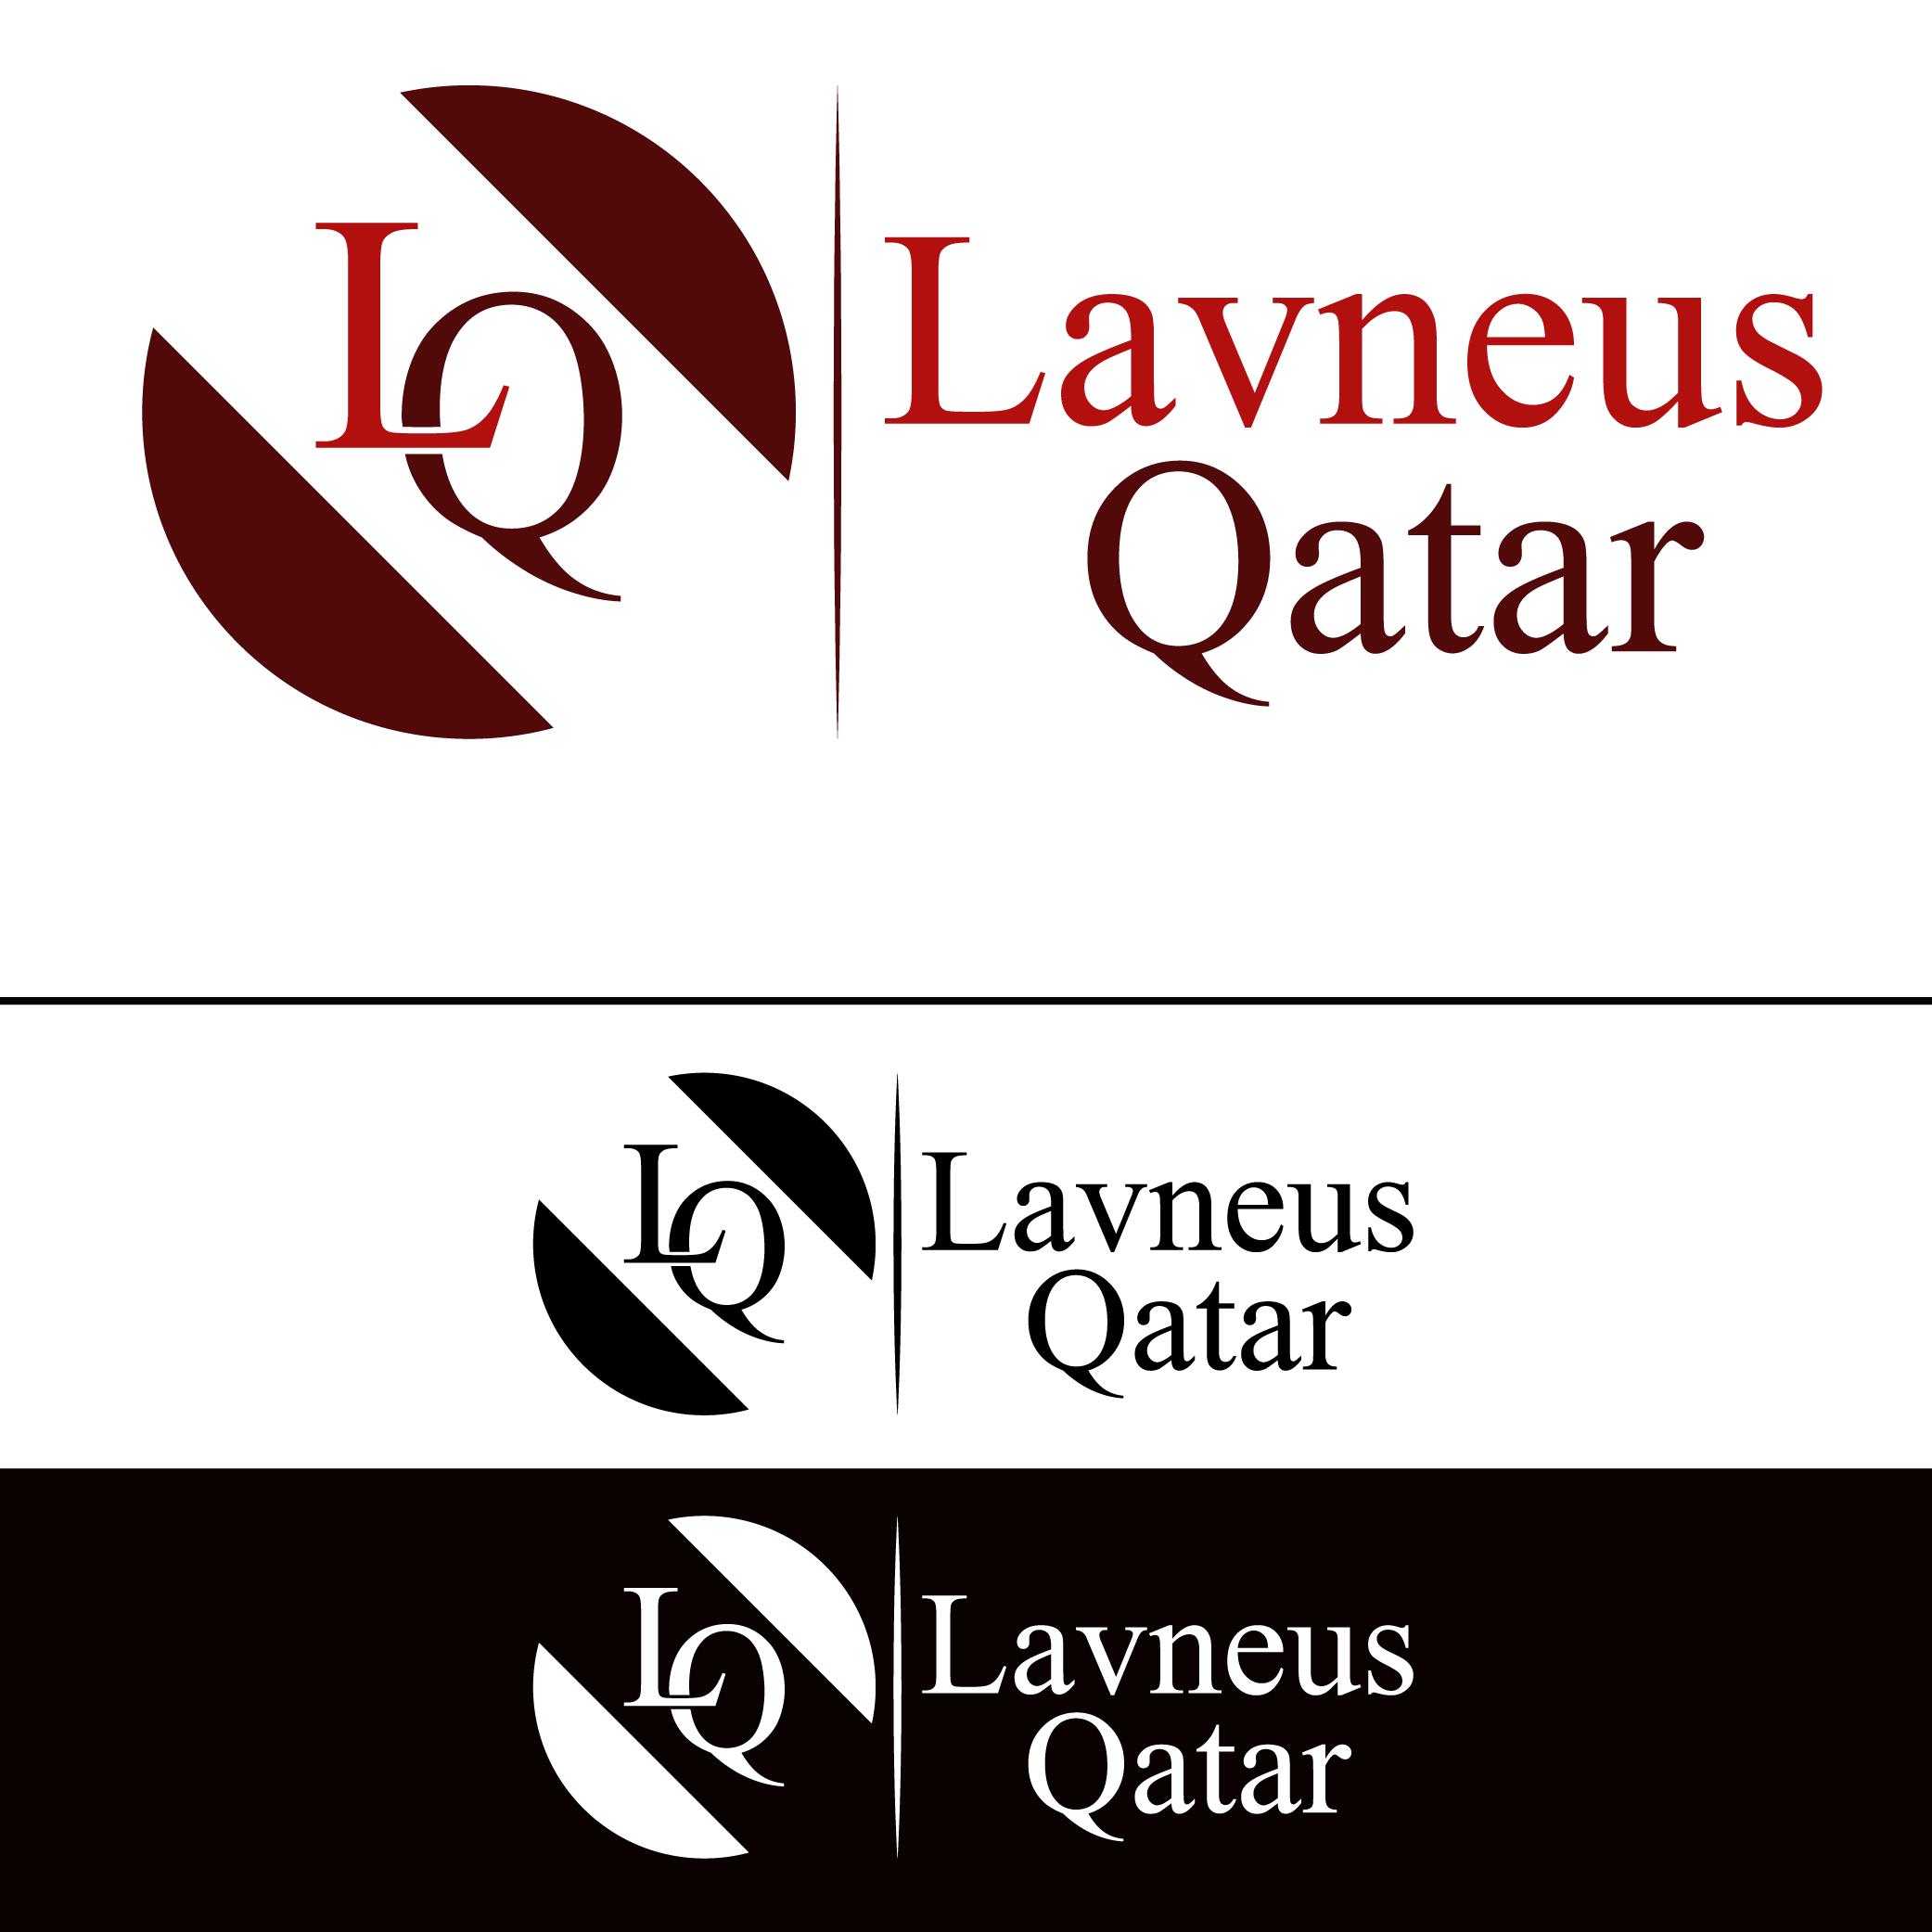 Logo Design by Shakir Alzadjali - Entry No. 63 in the Logo Design Contest Imaginative Logo Design for lavneus qatar.